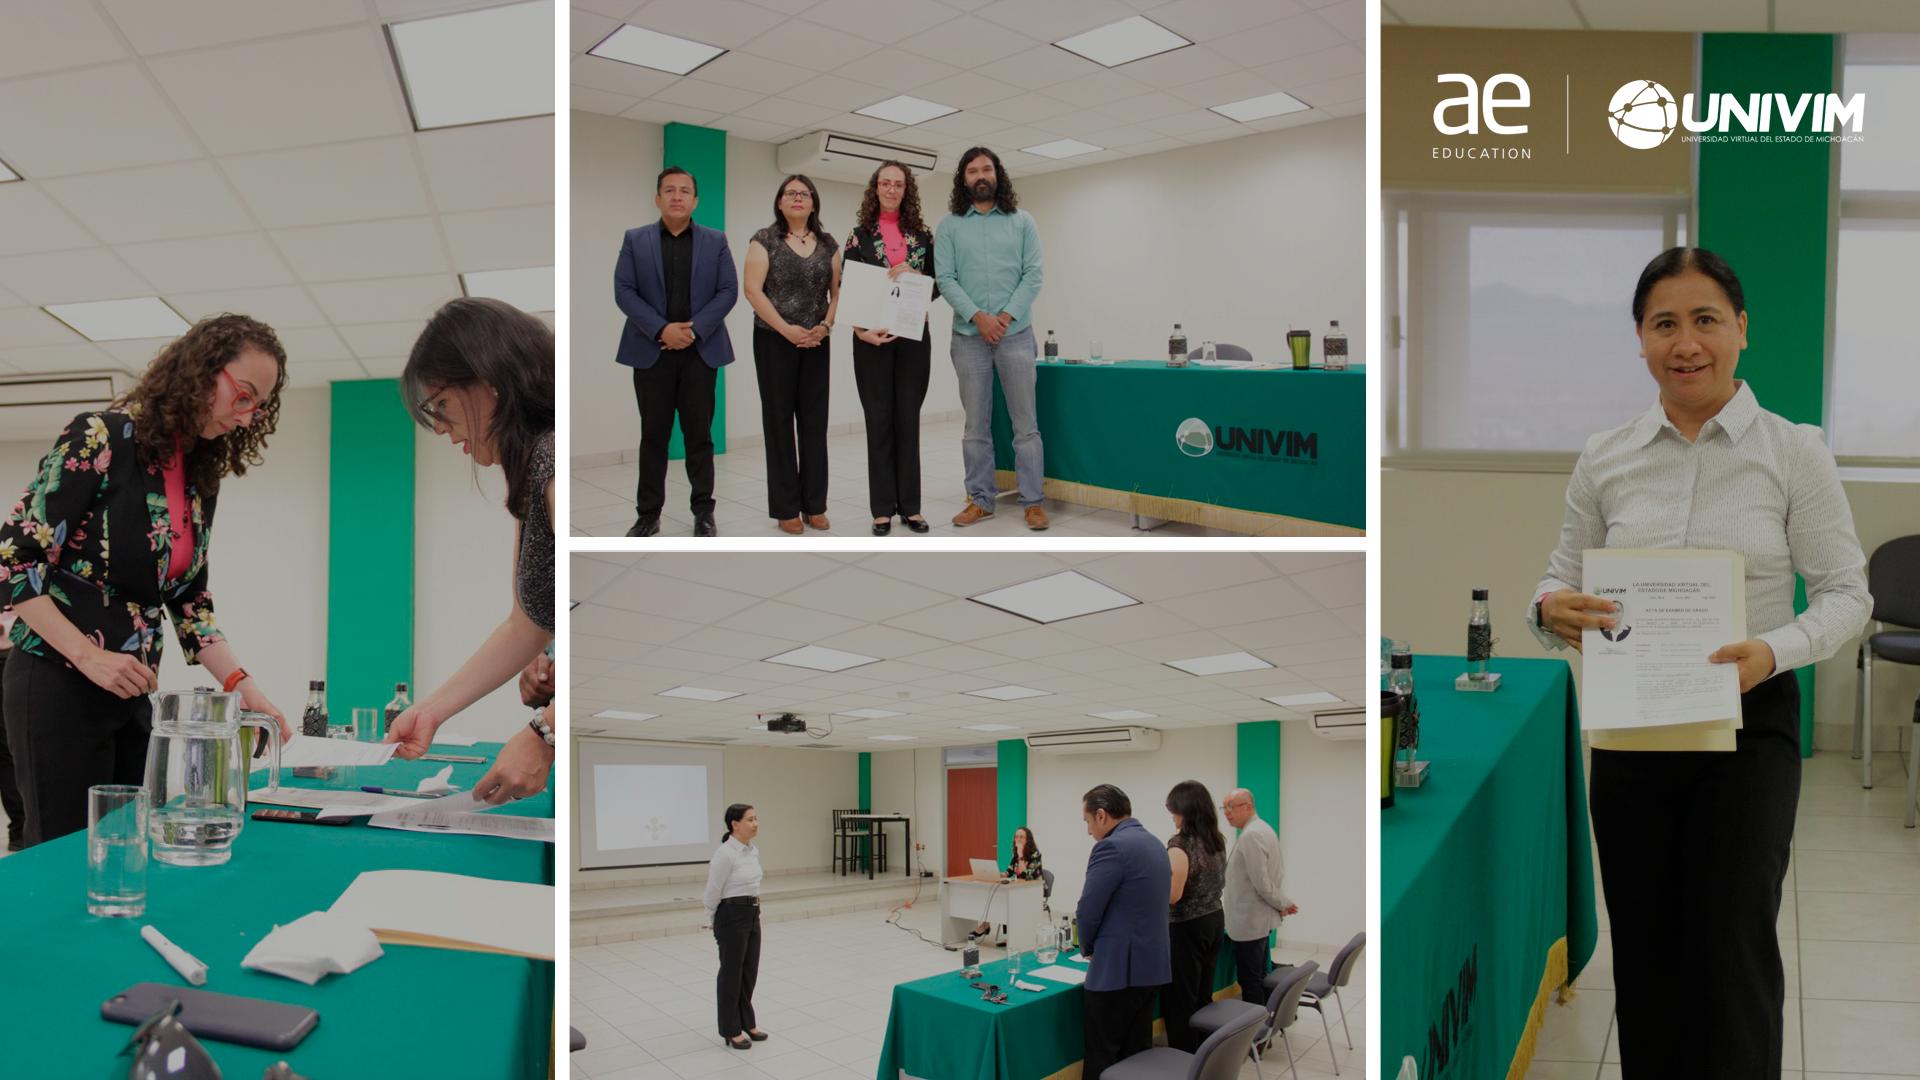 Fotografía que ilustra la noticia de salud de Alebat Education sobre Alebat Education y la Universidad Virtual del estado de Michoacán titulan a especialistas en Arquitectura Hospitalaria